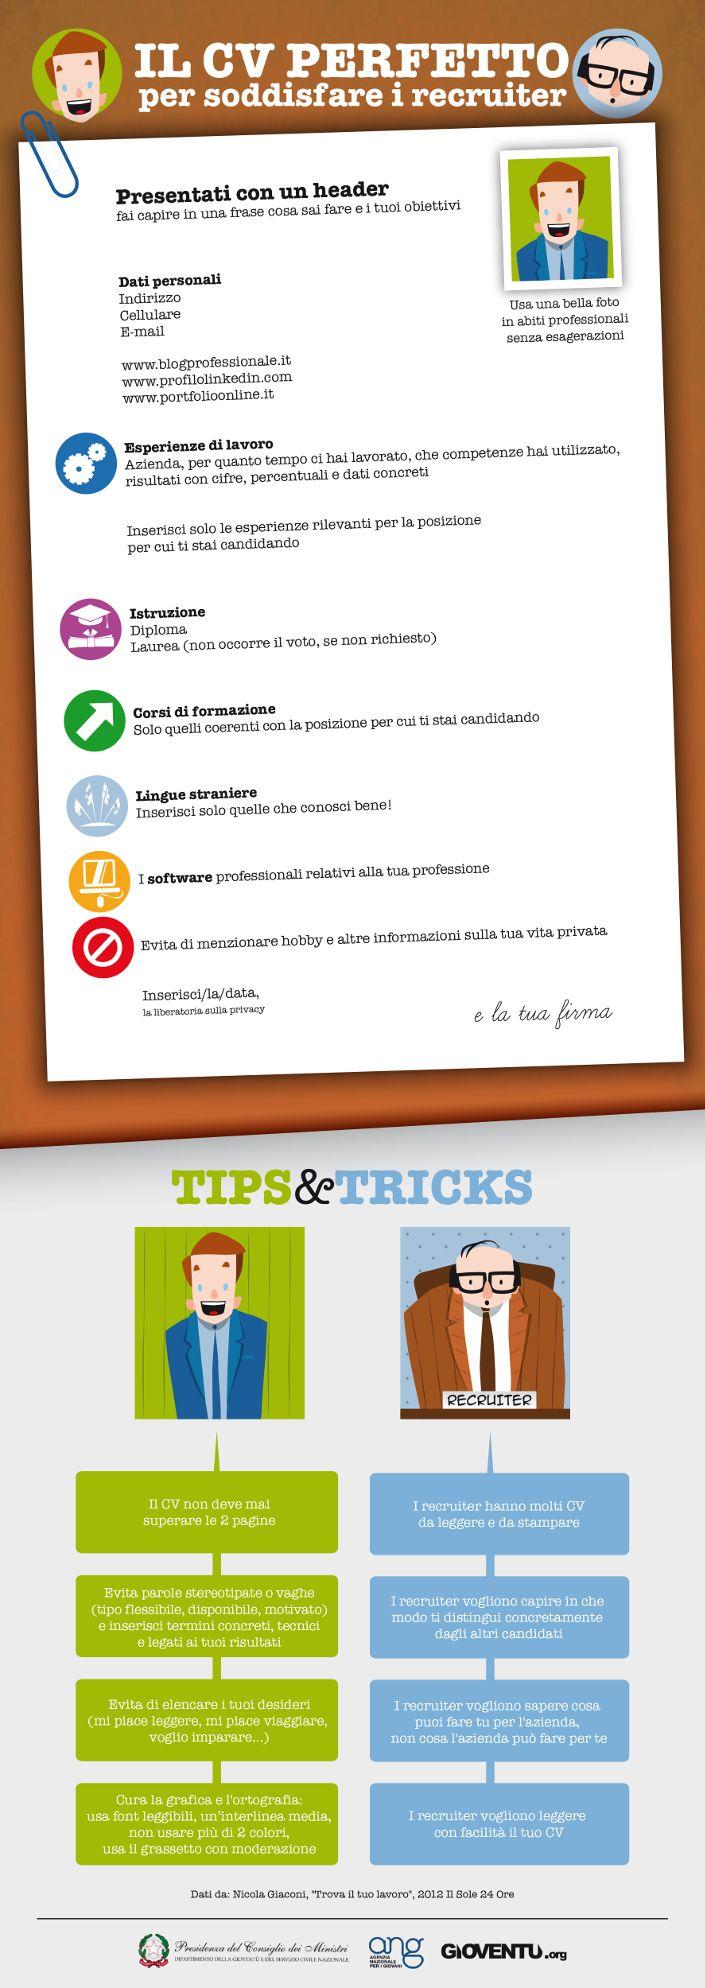 Da gioventu.org, ecco l'infografica che aiuta a scrivere Il Curriculum perfetto... per soddisfare i recruiter